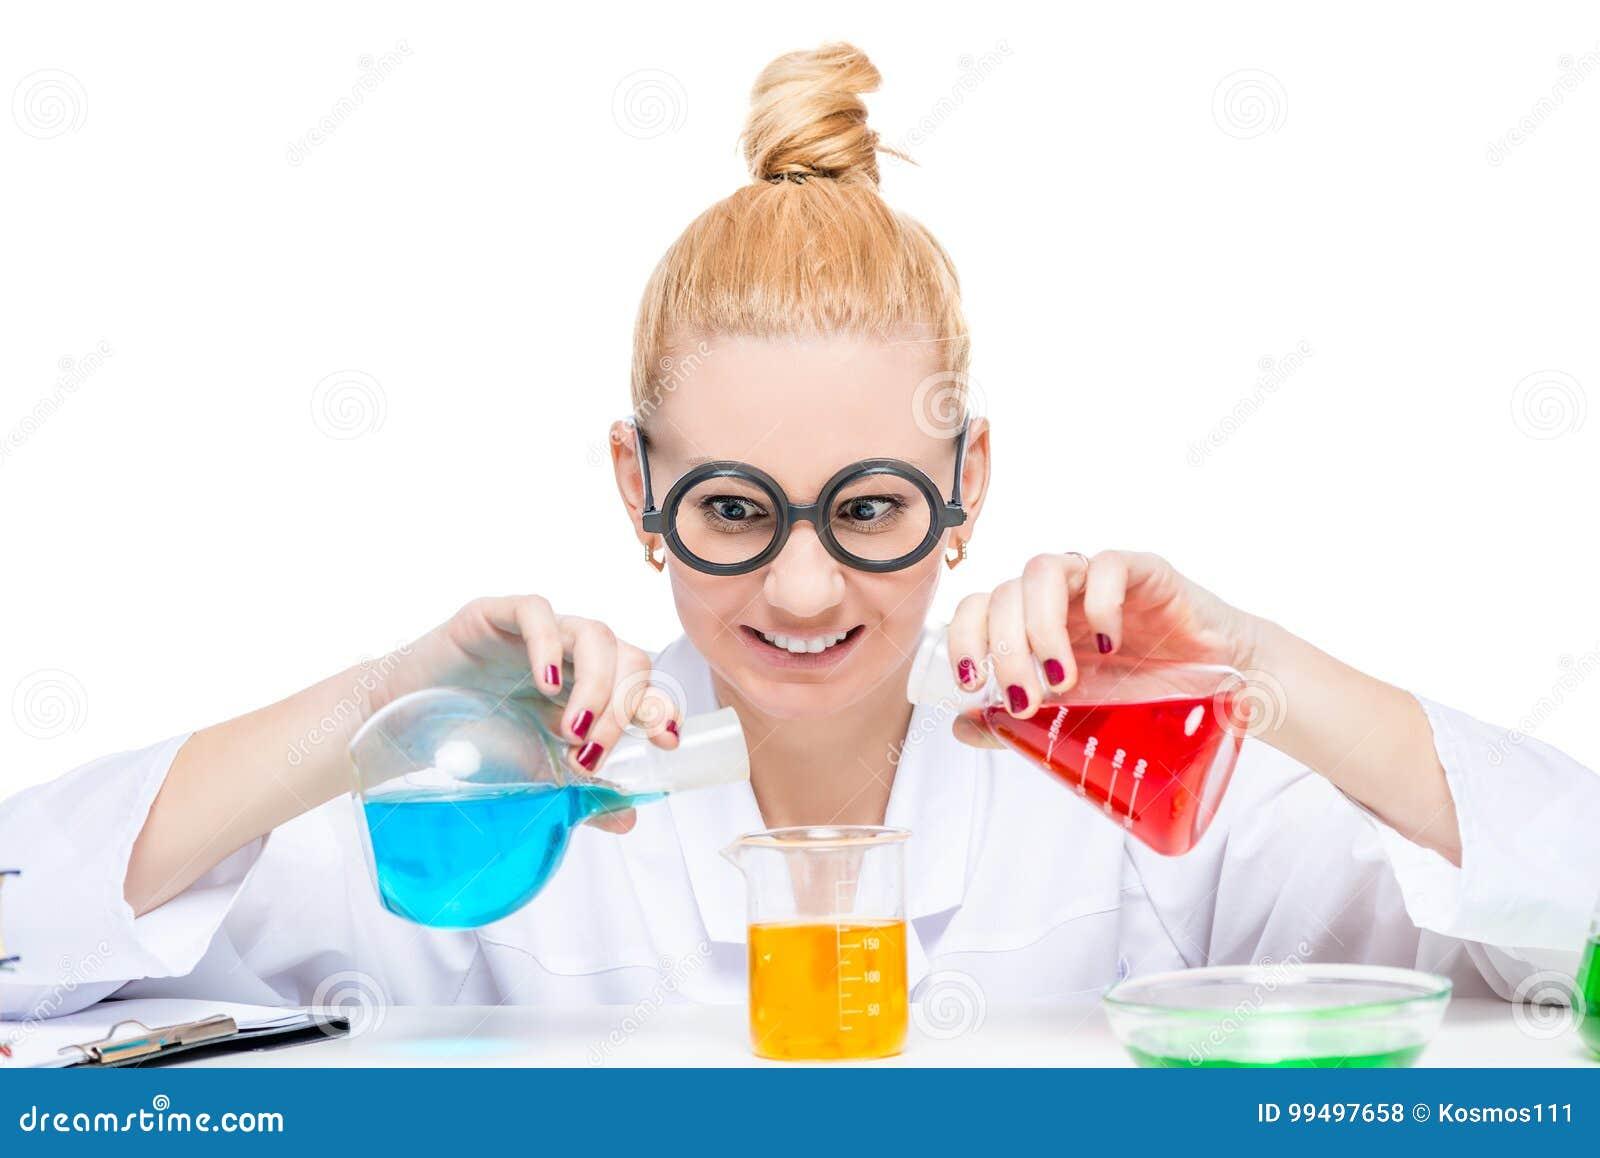 El químico divertido del ayudante de laboratorio mezcla los líquidos